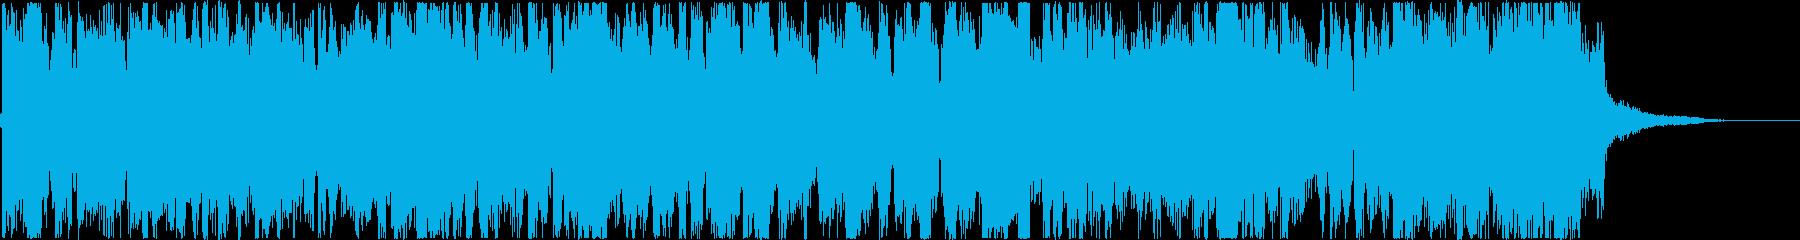 ほのぼのオシャレで前向きなヒップホップの再生済みの波形